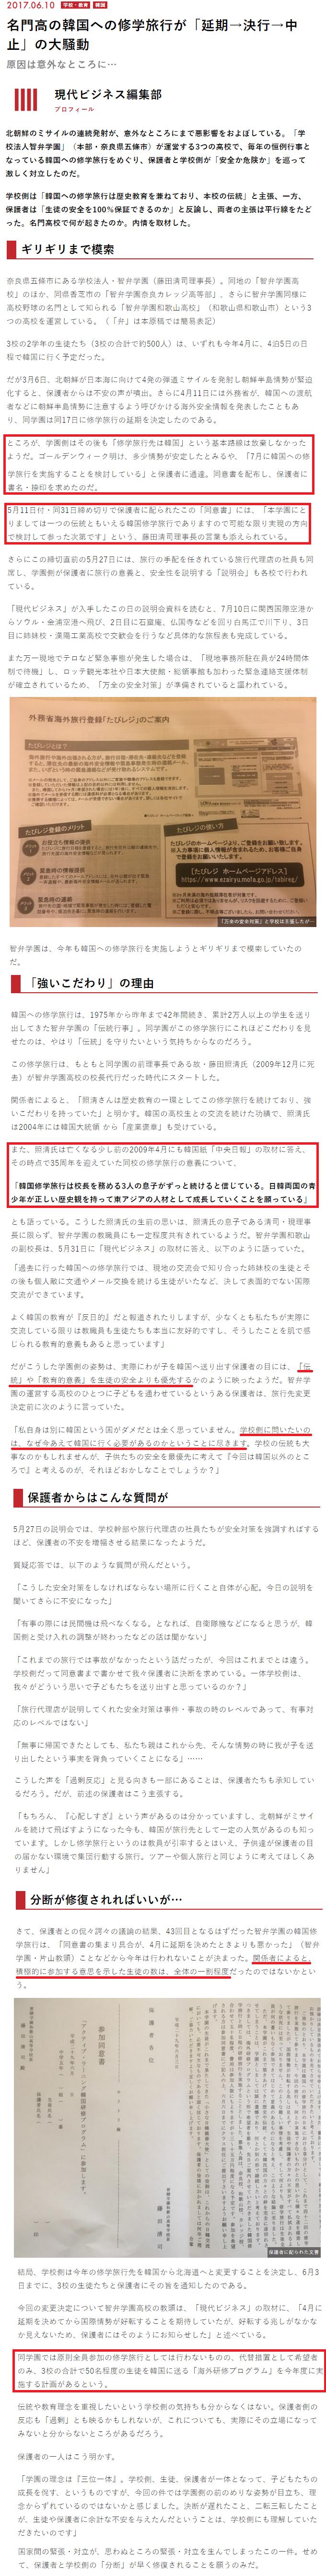 愛チョン推しの智辯学園高の韓国への修学旅行が「延期→決行→中止」の大騒動